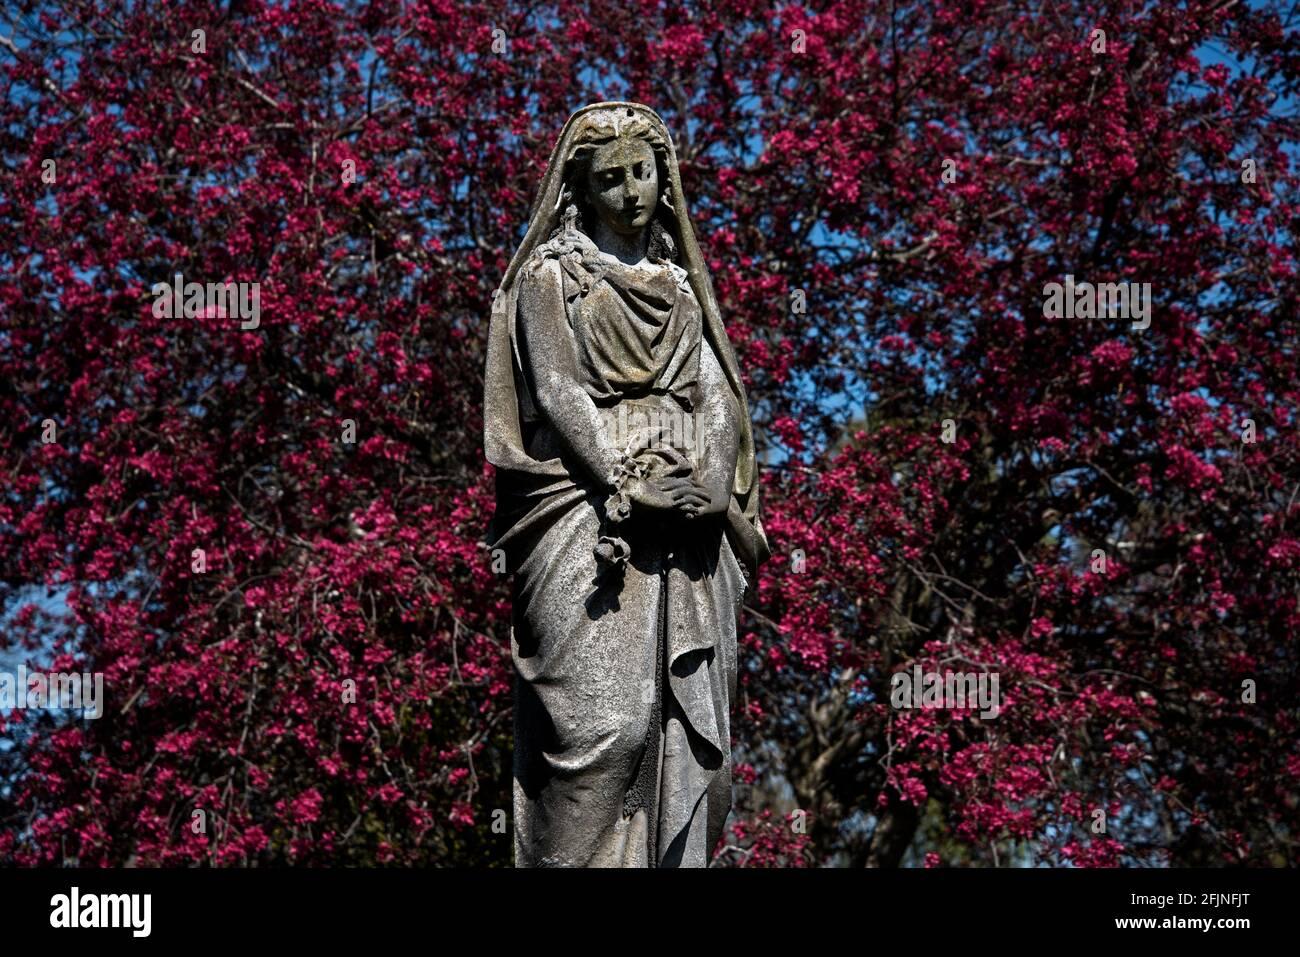 Statue d'une femme en deuil sur fond de cerisier rouge, cimetière Dean, Édimbourg, Écosse, Royaume-Uni. Banque D'Images